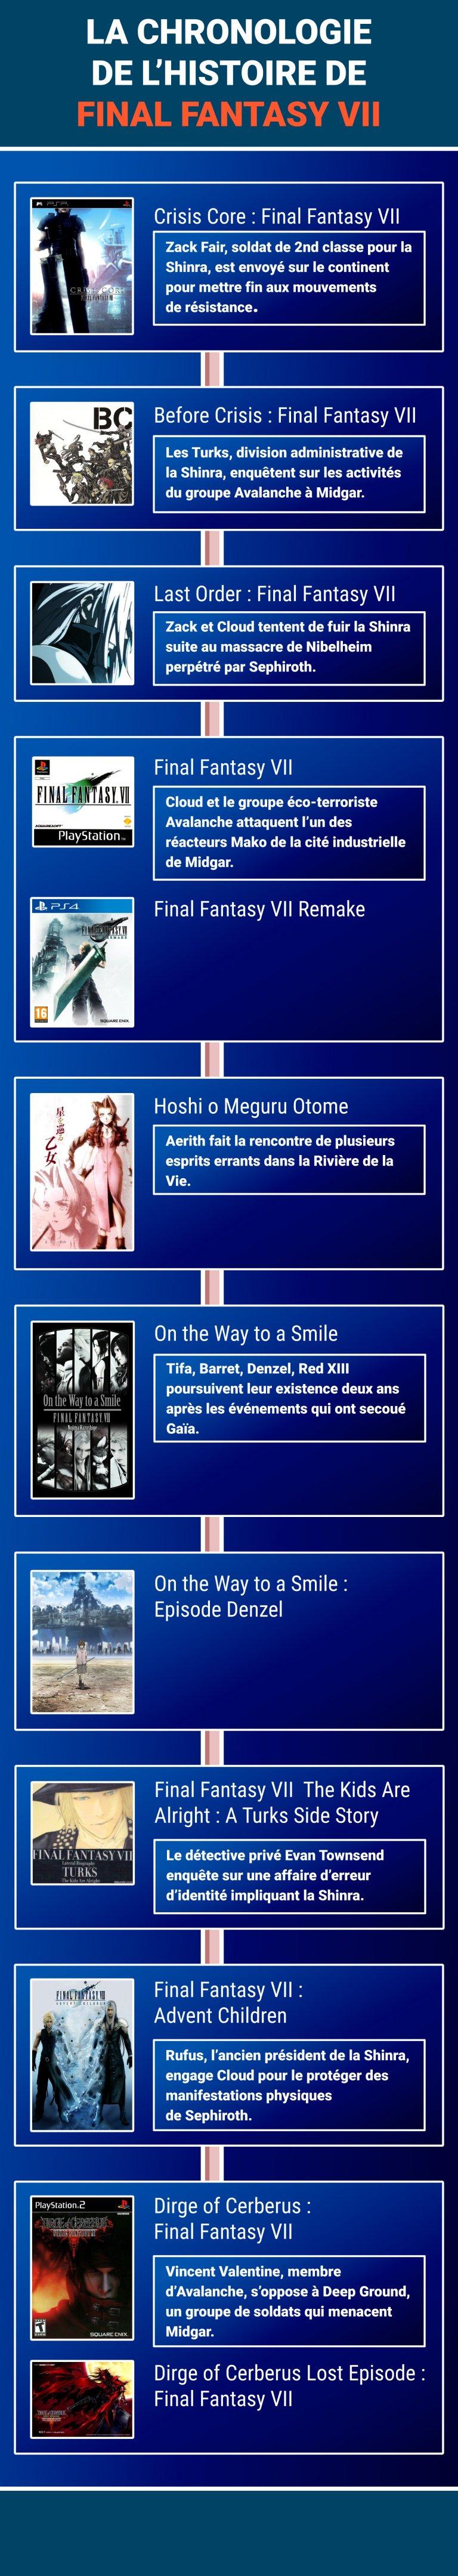 Final Fantasy VII : Chronologie de l'histoire (jeux et univers étendu)